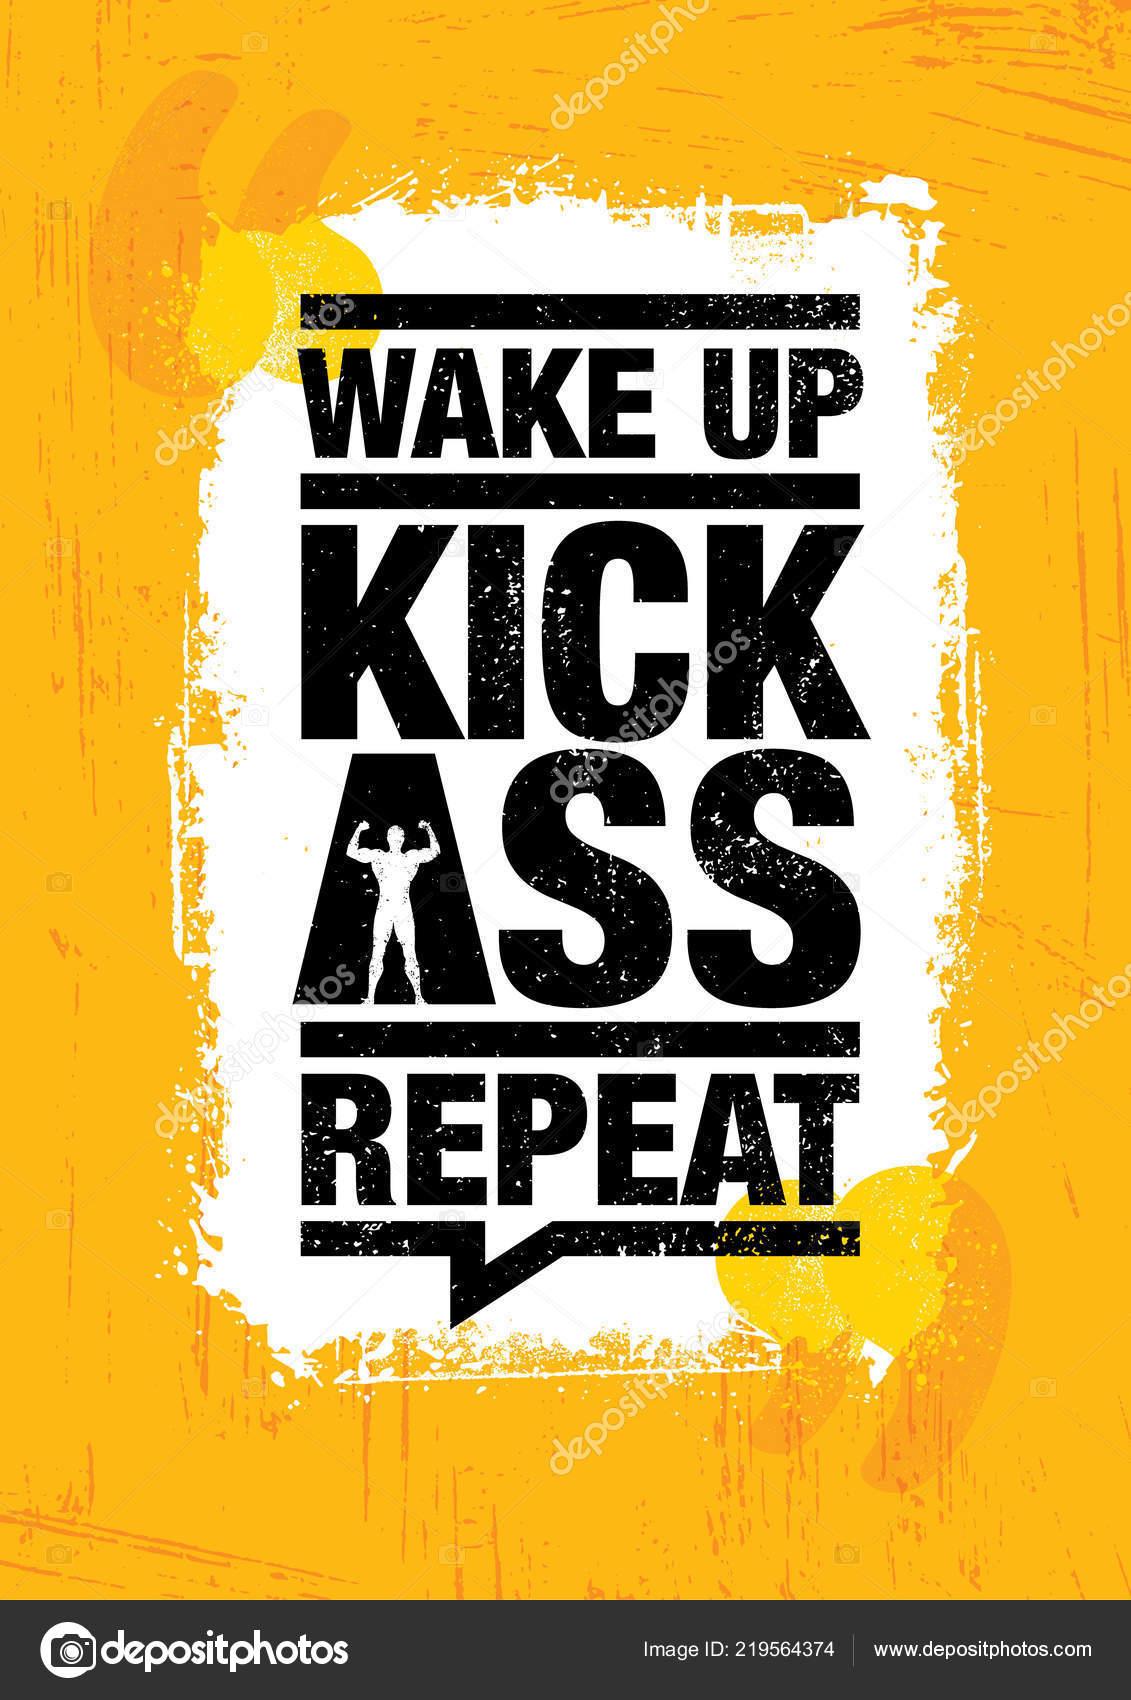 337fcb395 Fitness Academia esporte treino motivação citação Poster. Criativo  inspirador negrito tipografia ilustração sobre fundo áspero Grunge — Vetor  de ...